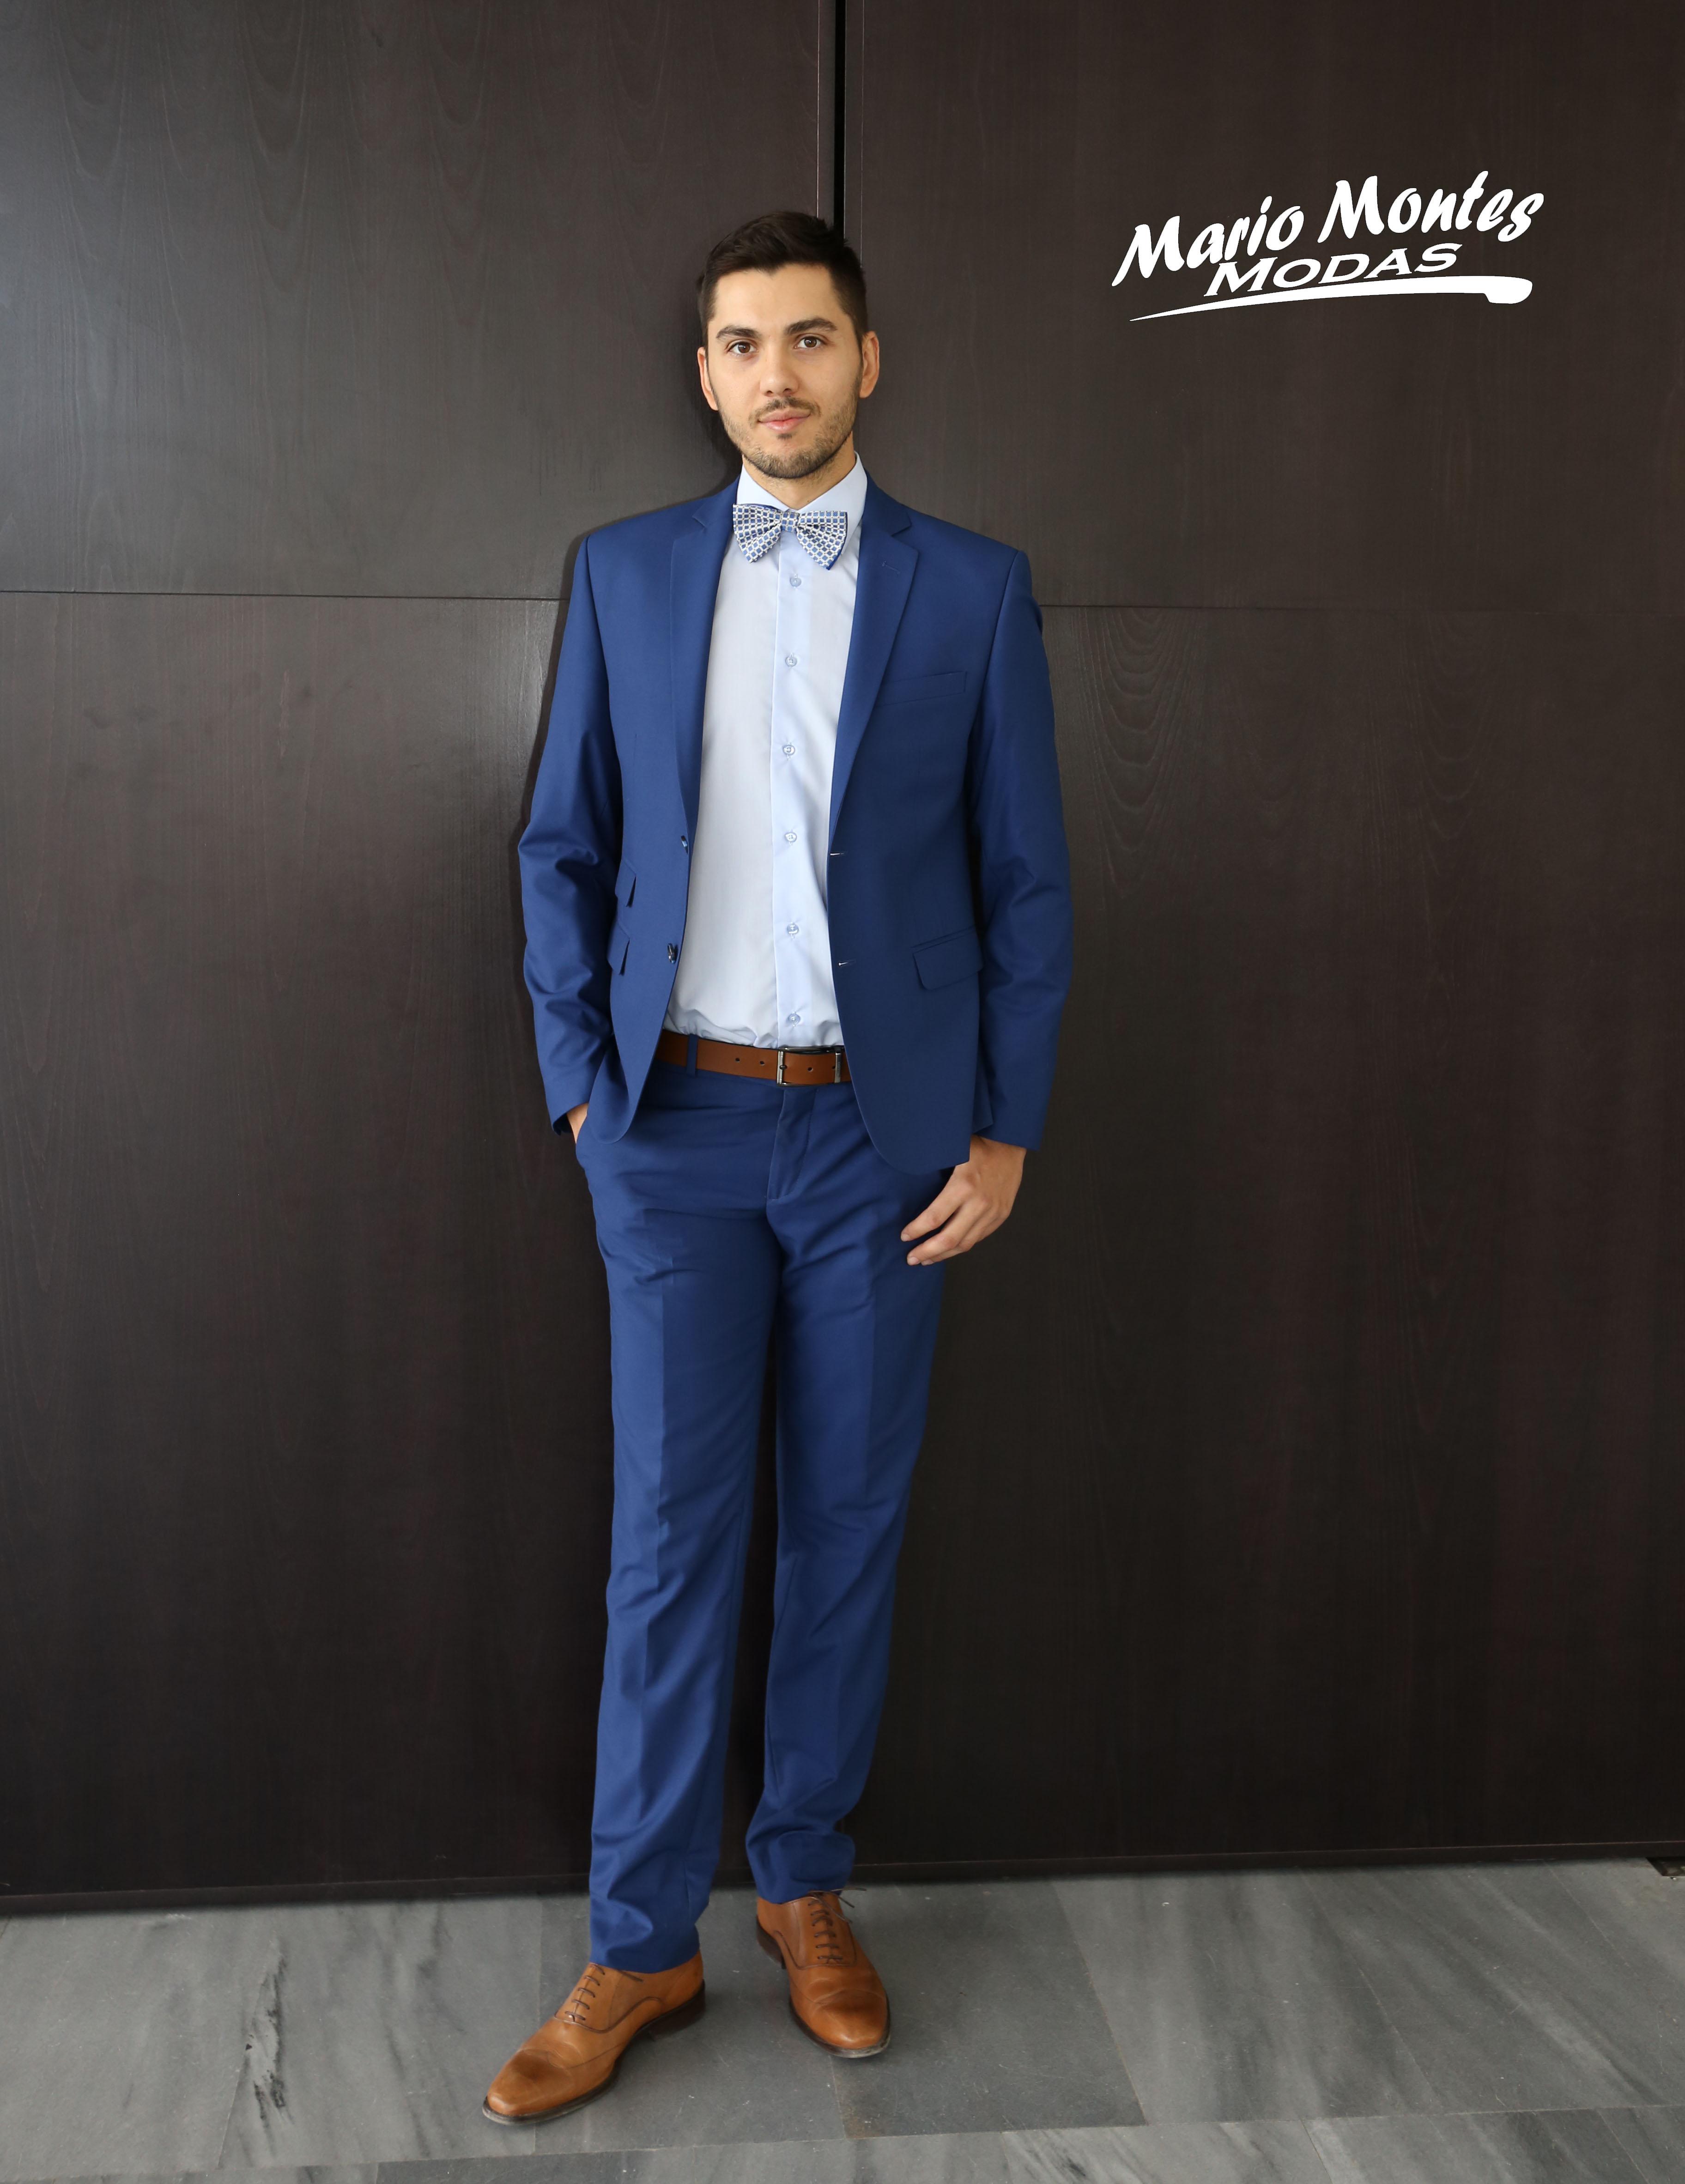 Trajes caballero - Mario Montes modas 4cdad19b6c19